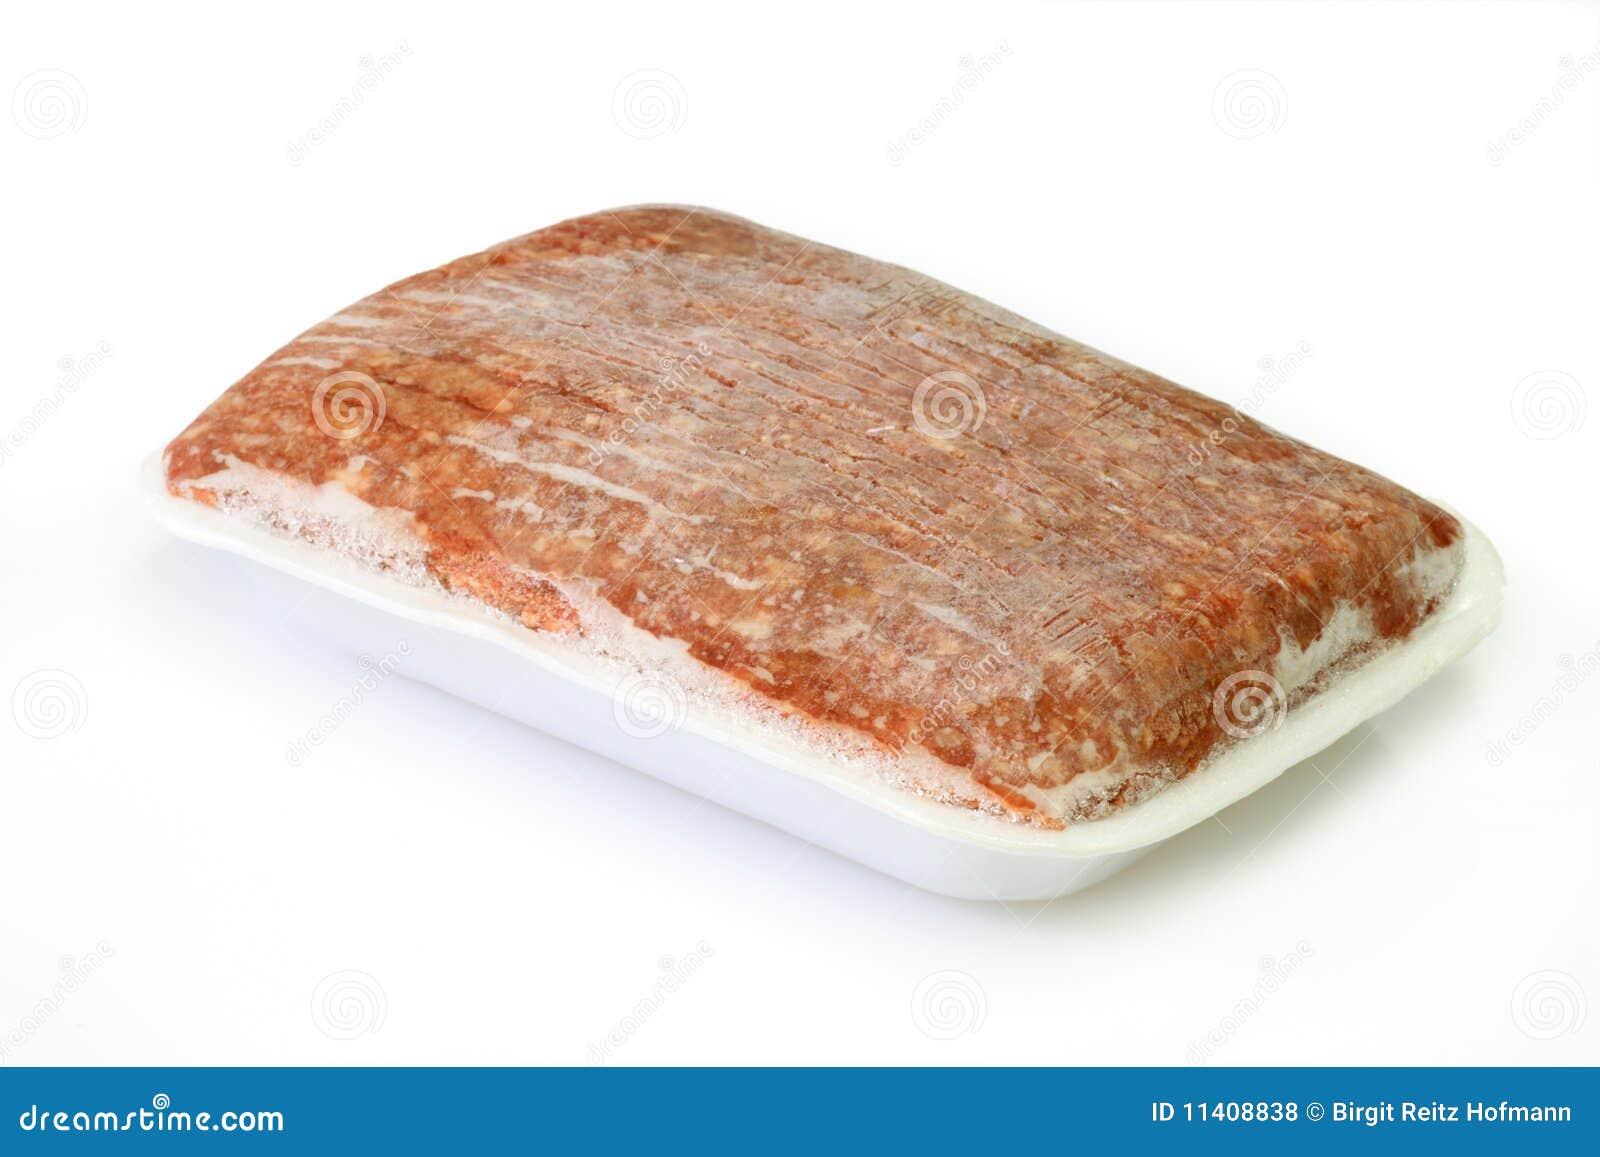 Frozen Meatloaf stock photo. Image of frozen, beef, fresh - 11408838